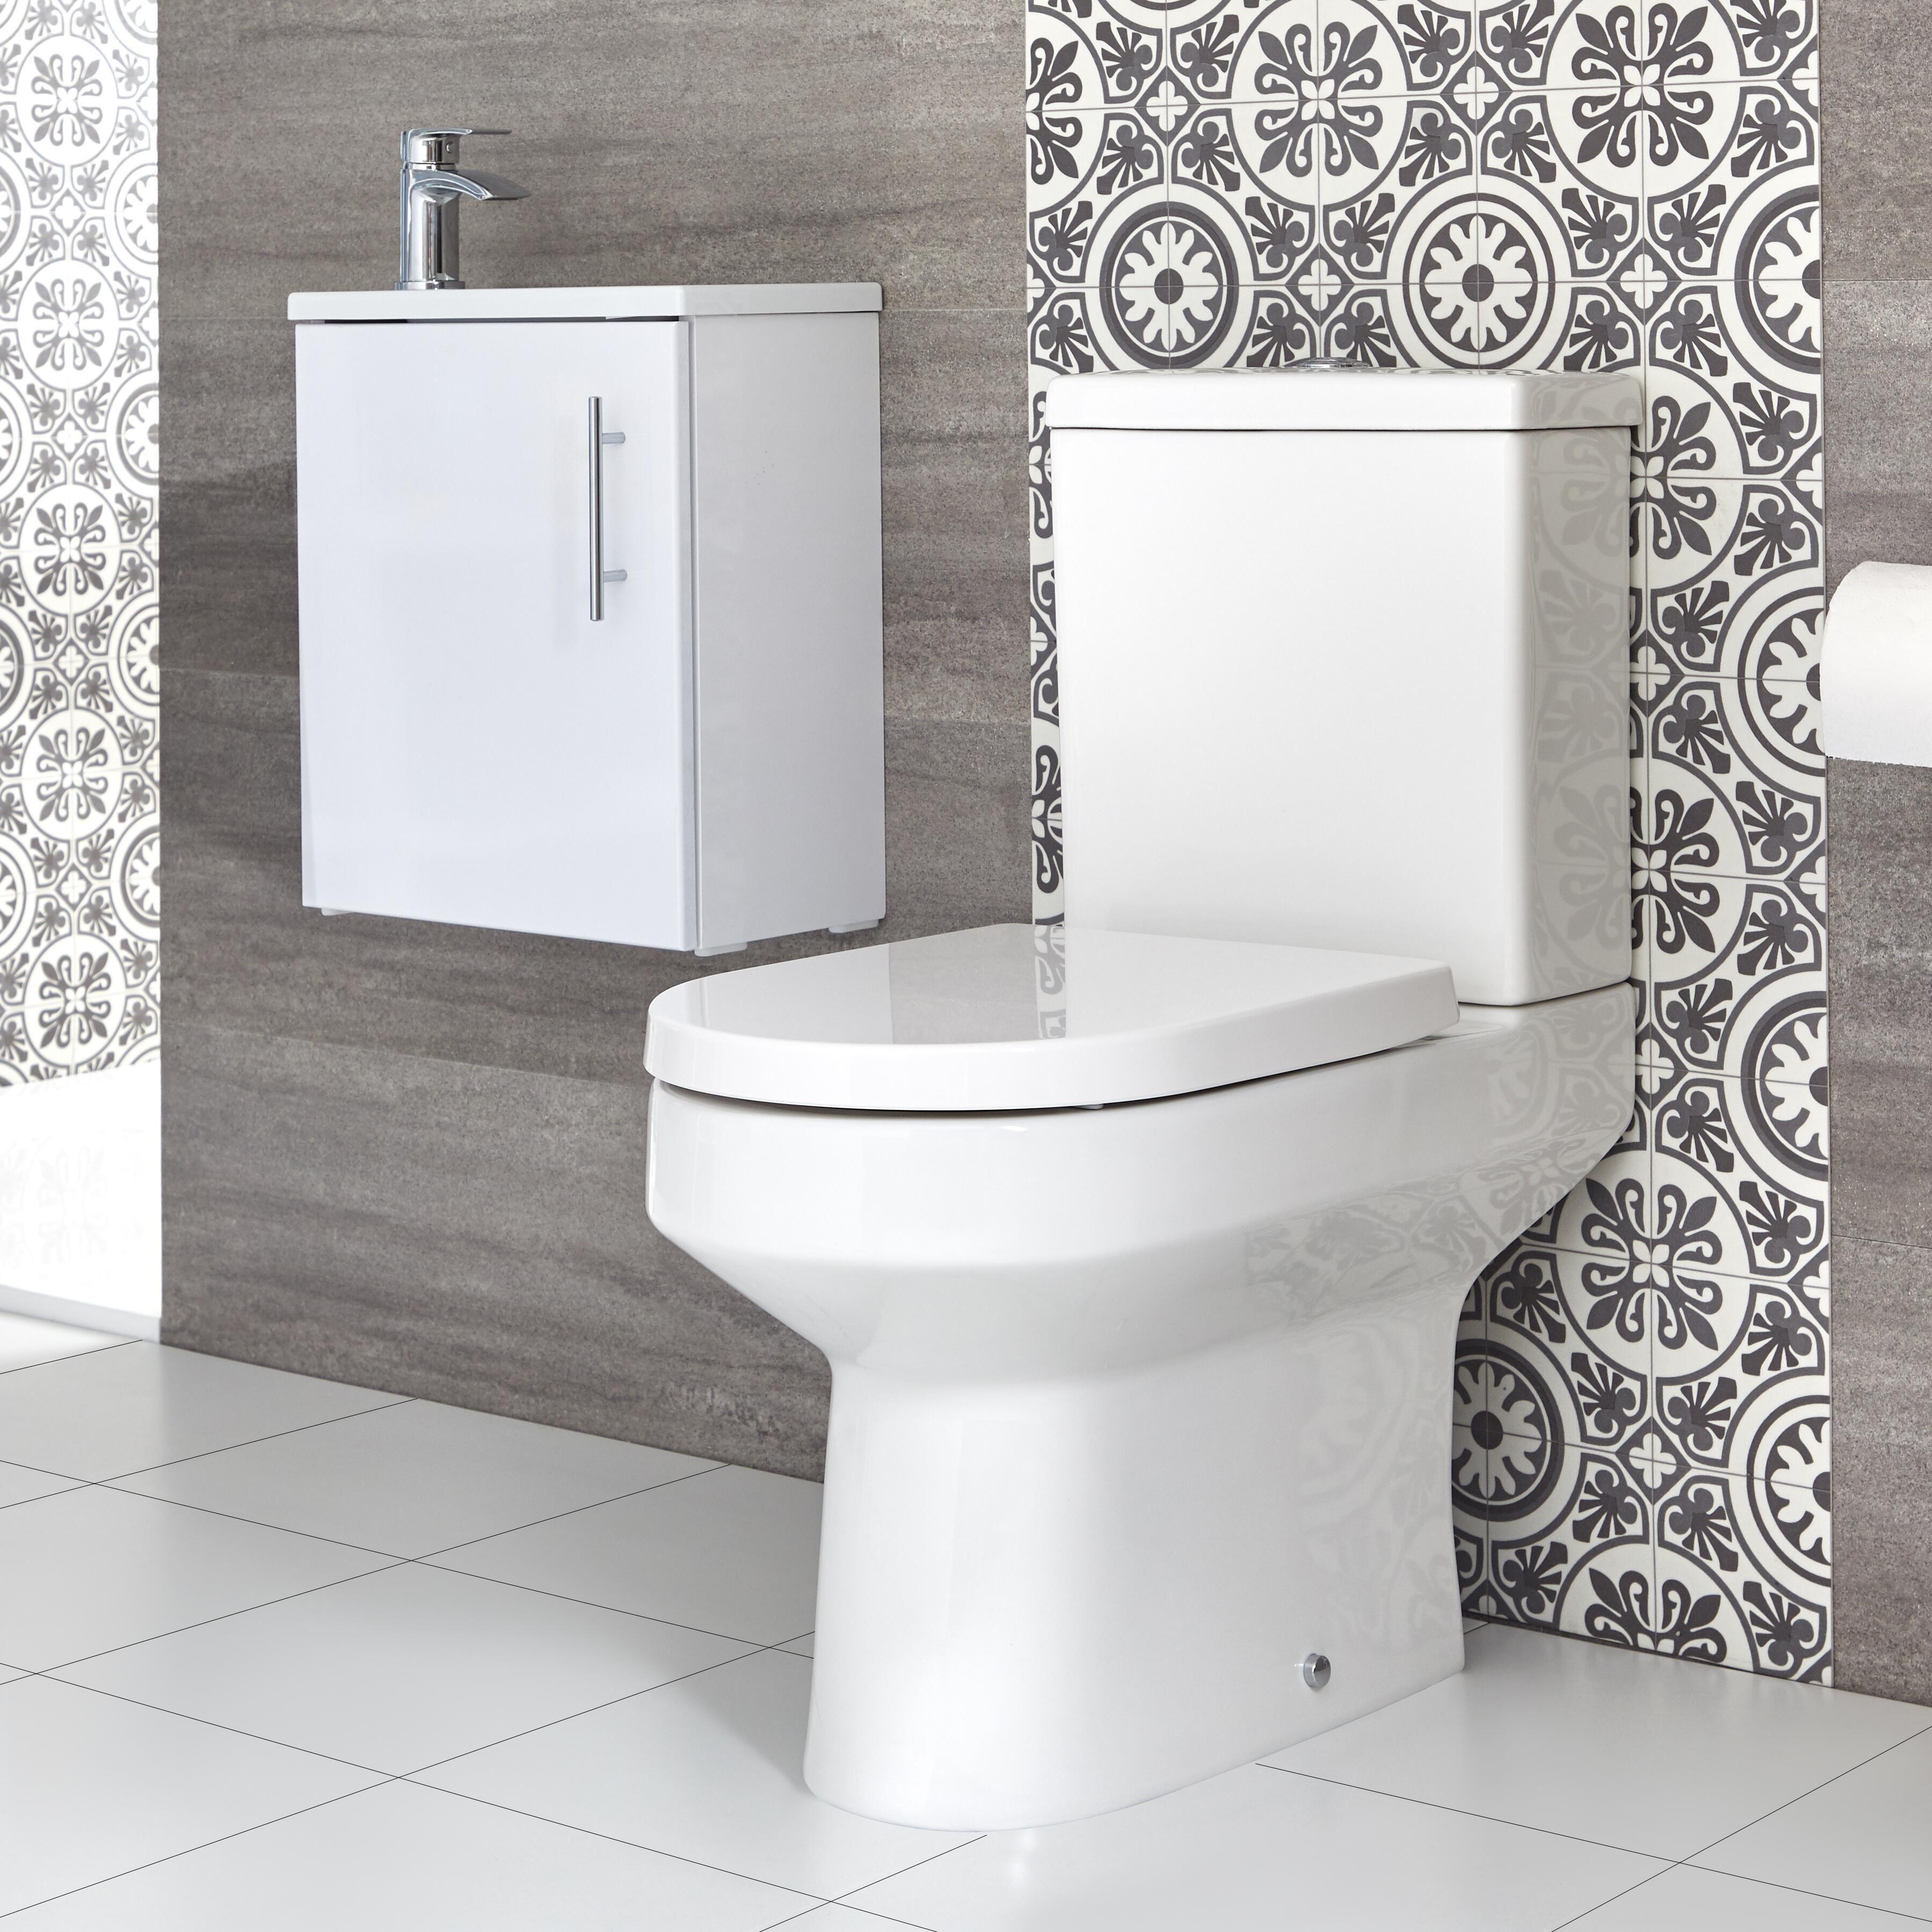 Vasque Sur Pied Avec Meuble ensemble meuble lave-mains suspendu avec plan vasque et pack wc – 40 cm –  choix de finition - covelly